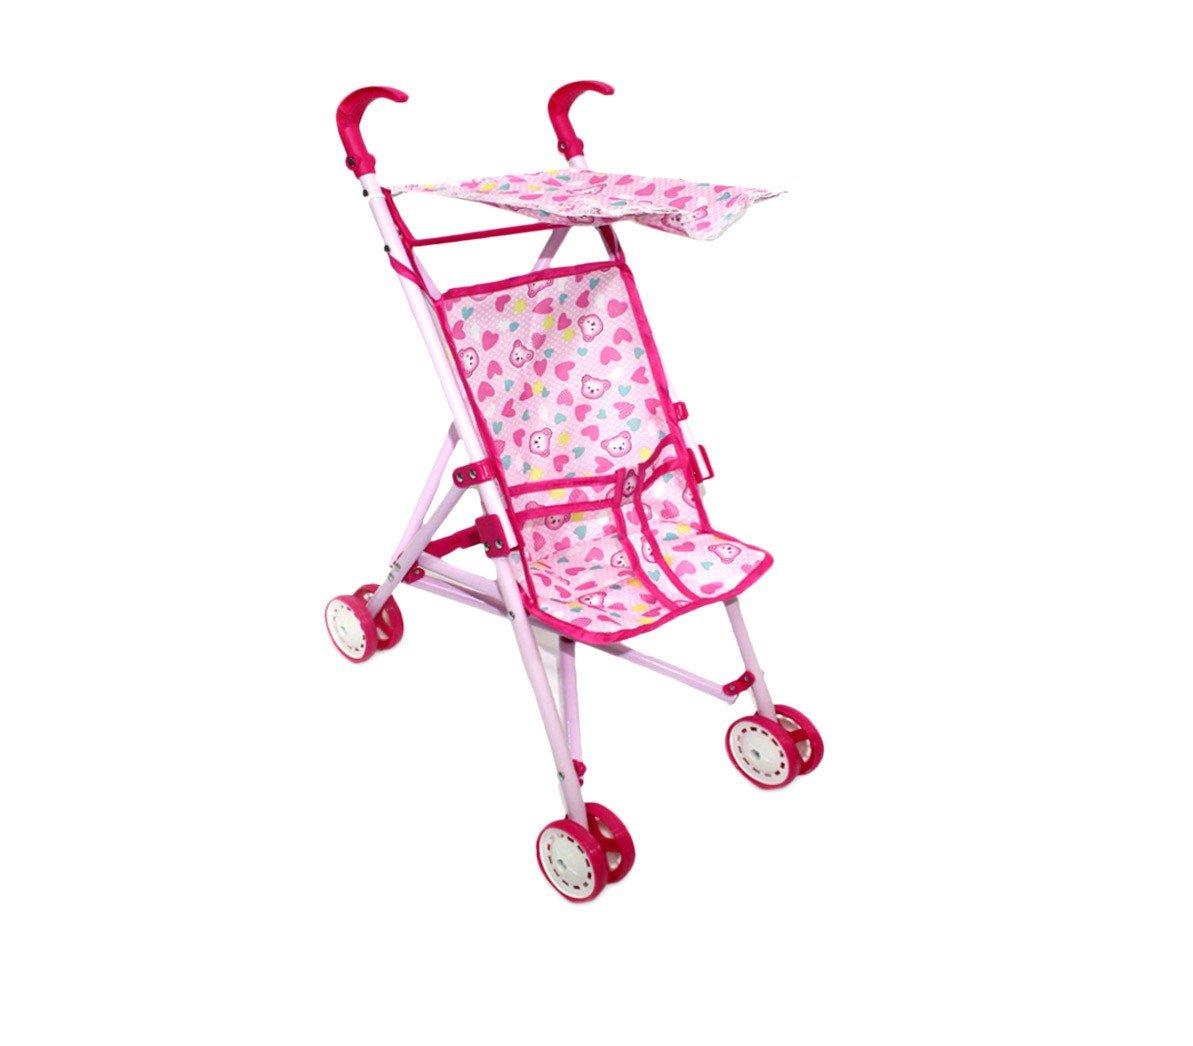 Amazon.es: 981012 Carrito de paseo para muñecas CIGIOKI con capota para el sol - Ositos: Juguetes y juegos